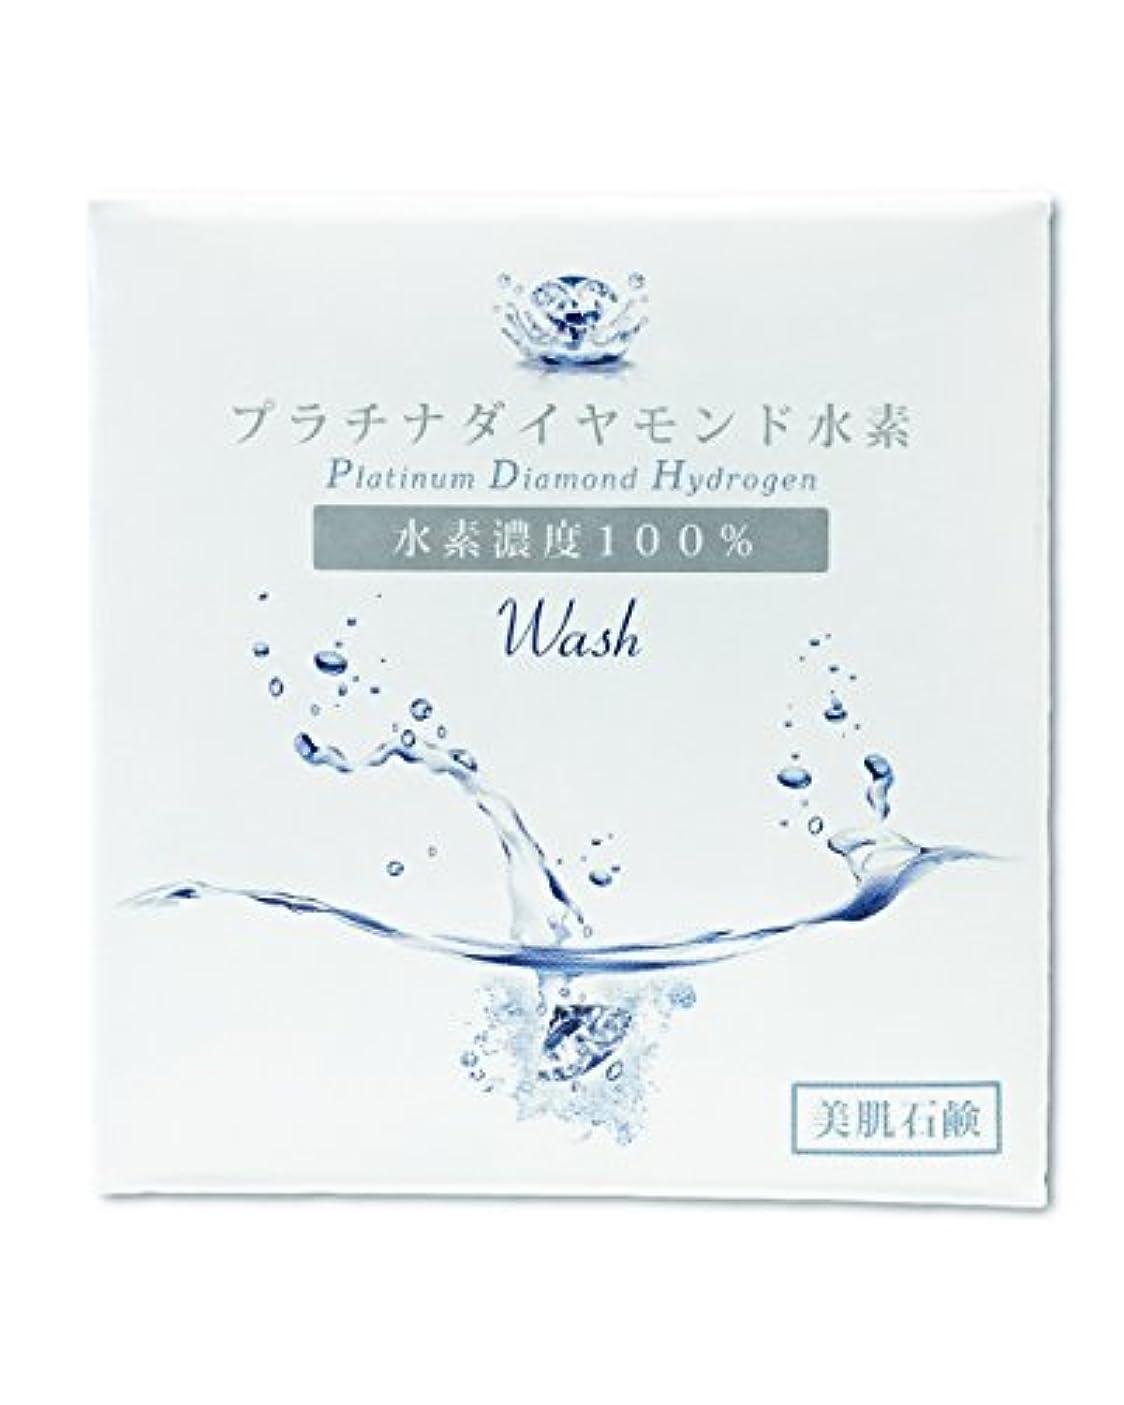 飲料市民苦情文句水素石鹸 プラチナダイヤモンド水素Wash